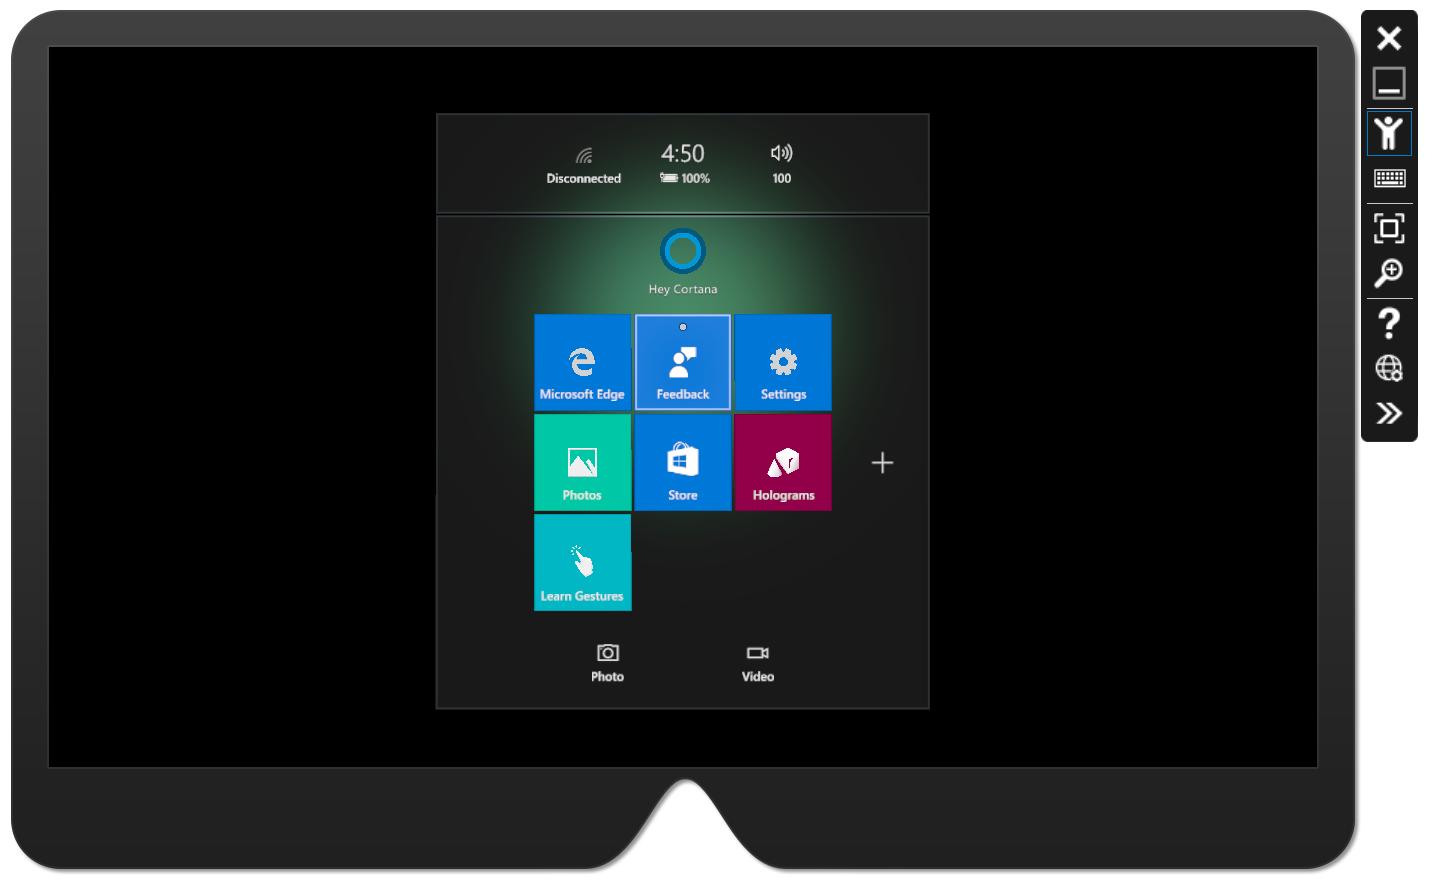 HoloLens 上的操作系统的界面